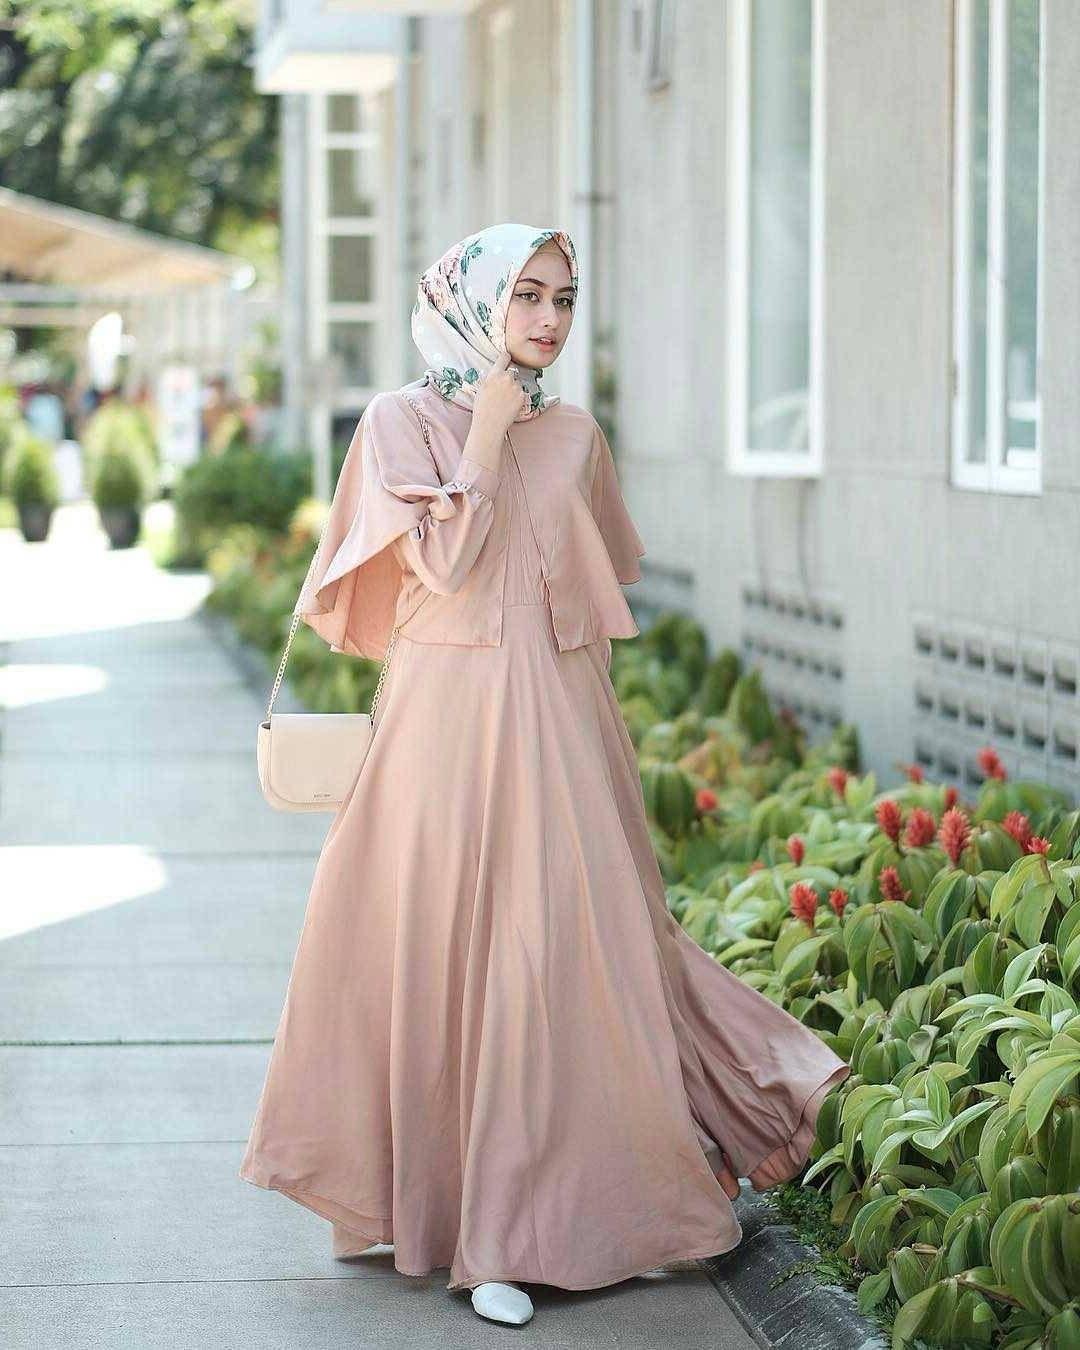 Inspirasi Model Baju Lebaran 9ddf 21 Model Gamis Lebaran 2018 Desain Elegan Casual Dan Modern